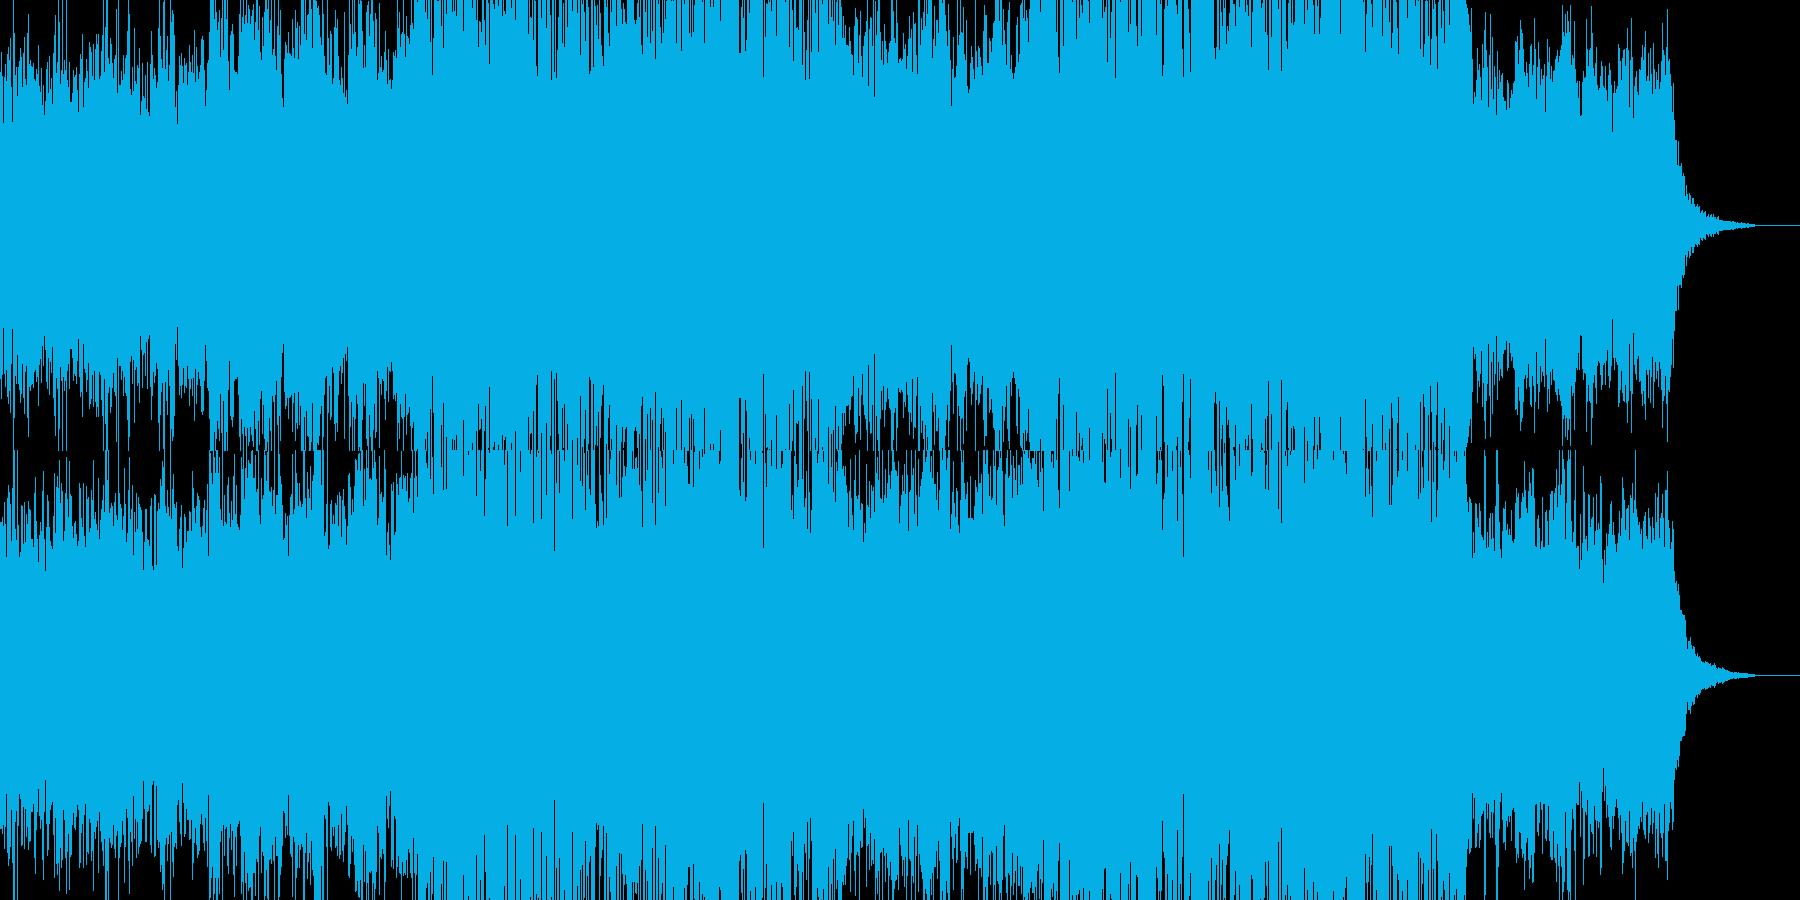 希望を感じるエンディングをイメージした曲の再生済みの波形